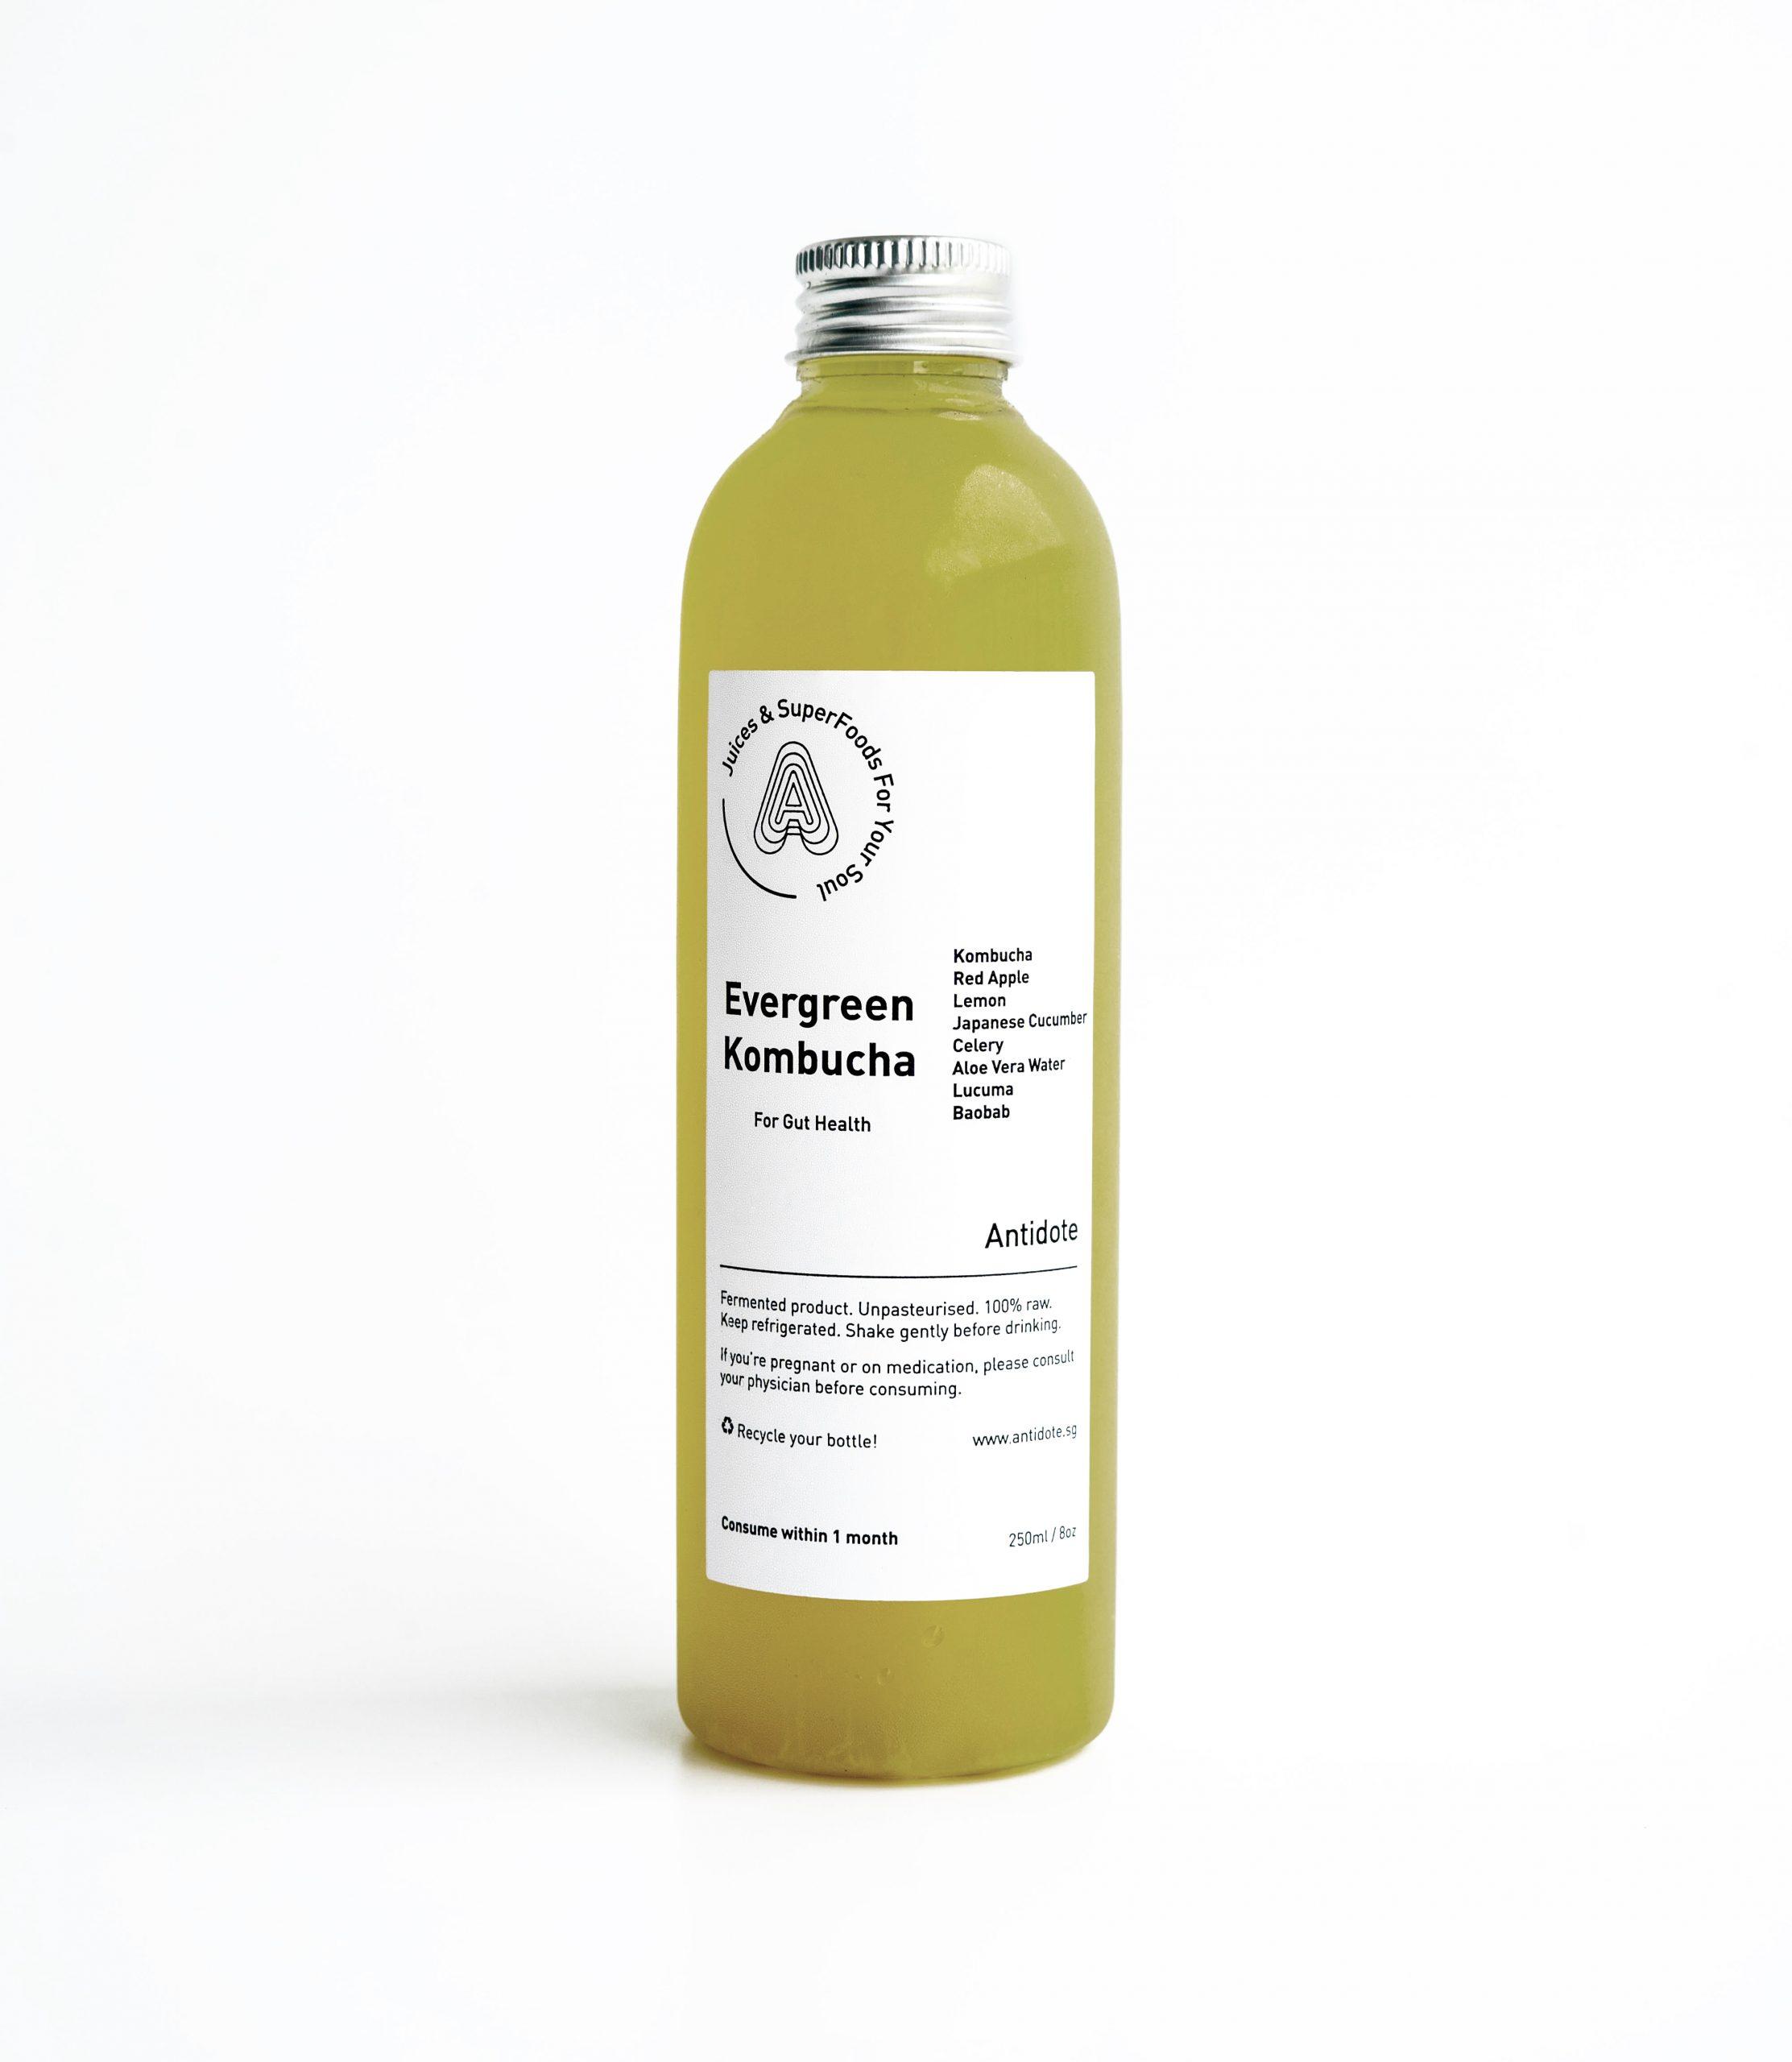 Evergreen kombucha